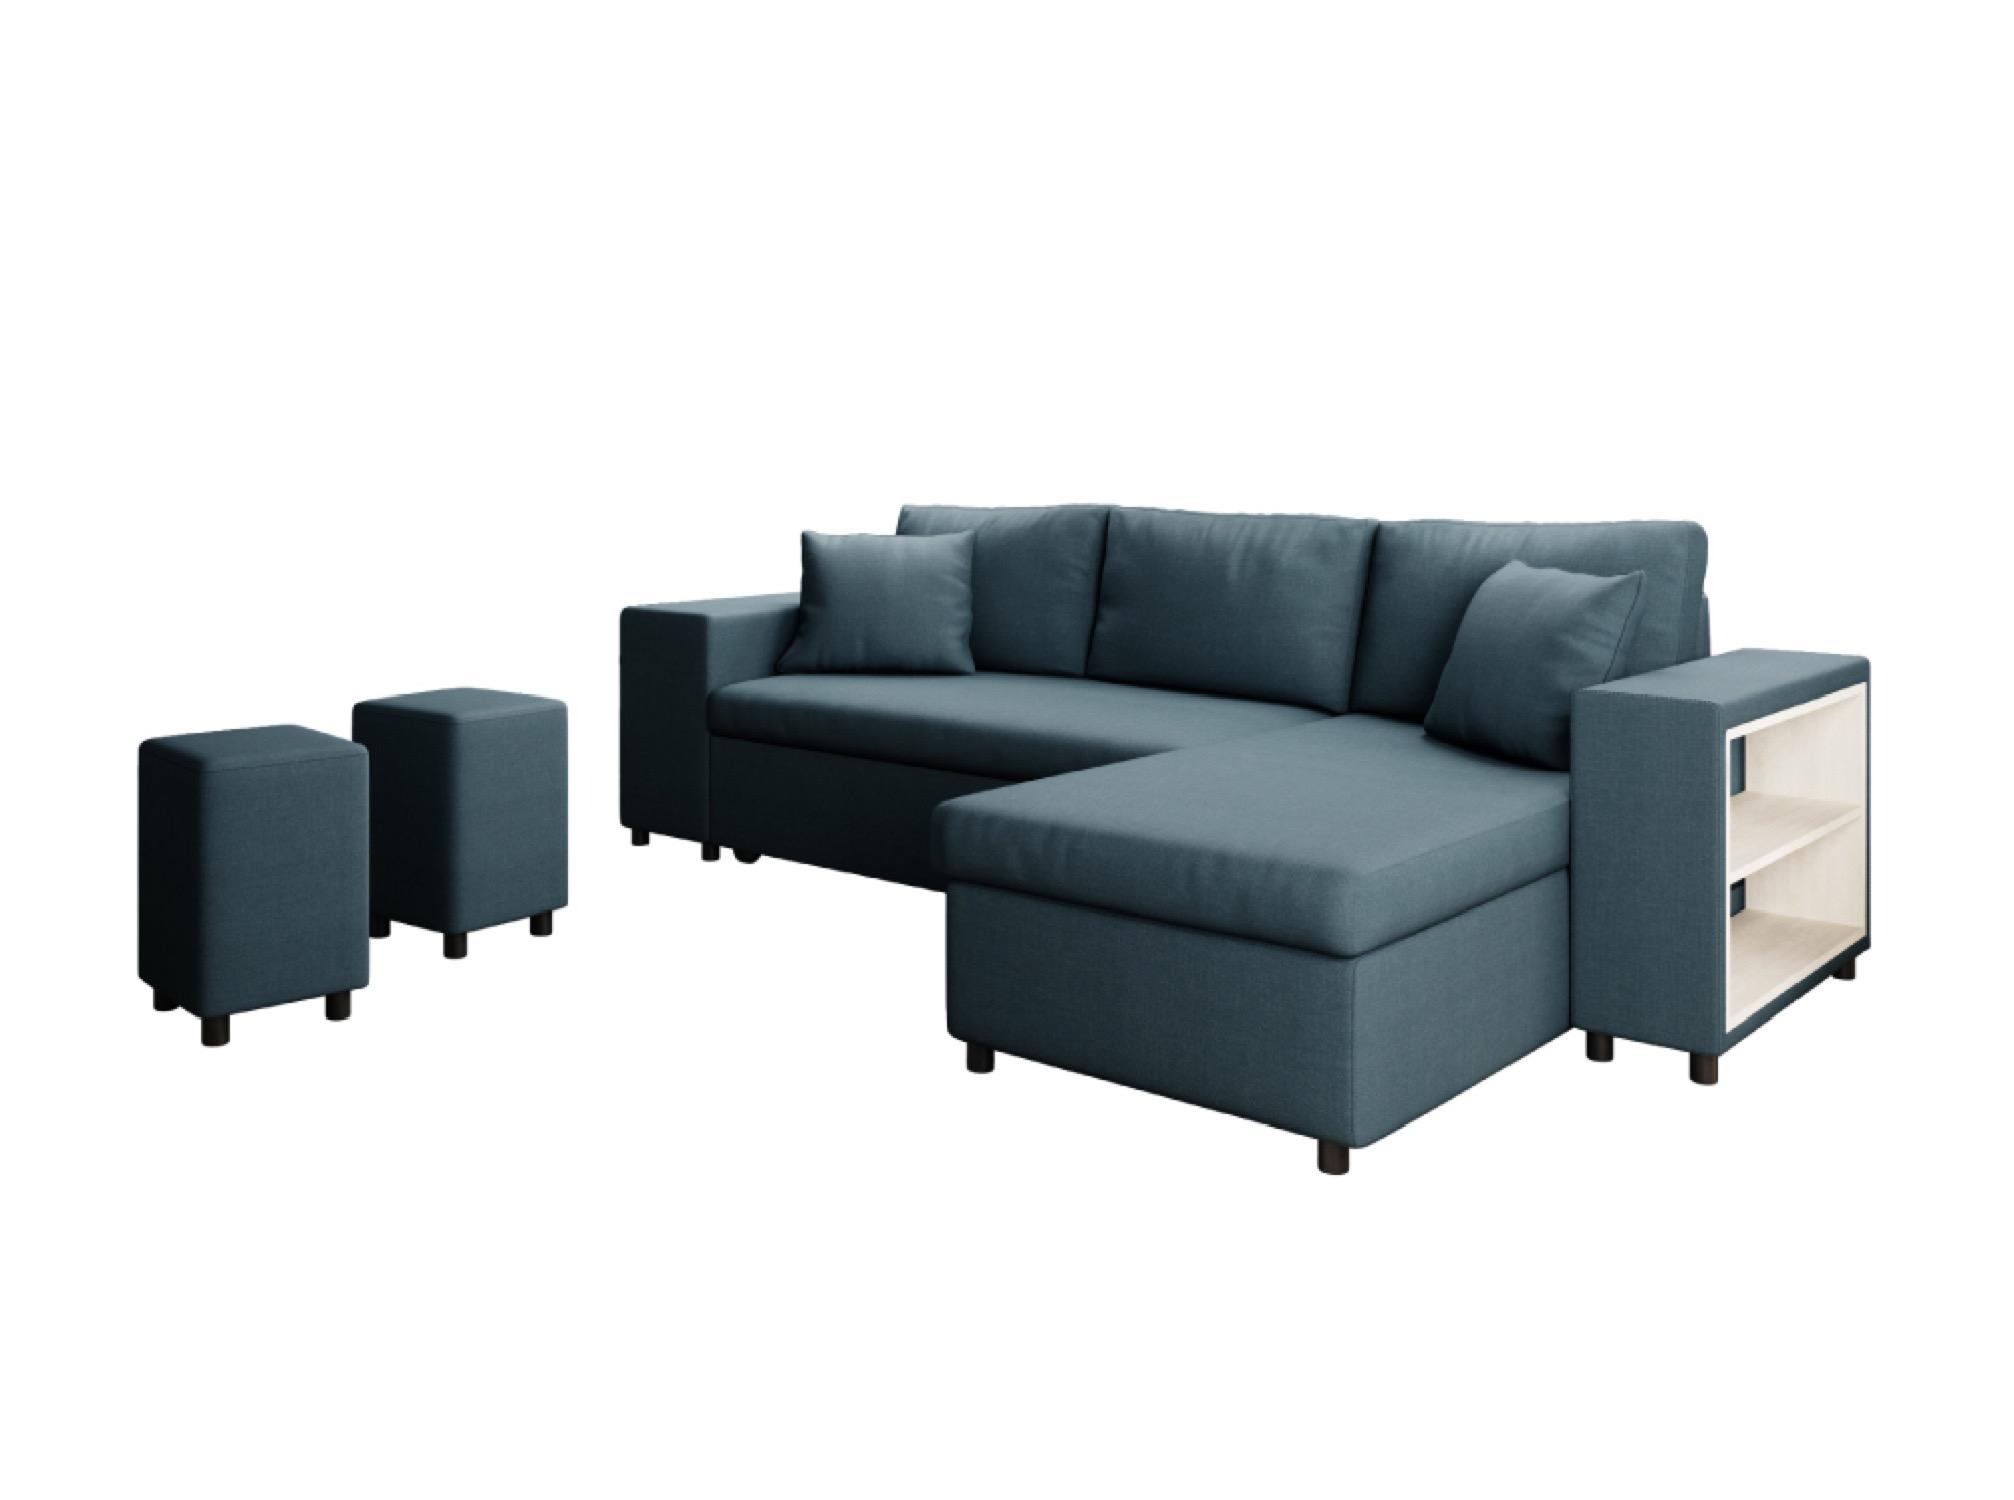 Canapé d'angle 3 places Bleu Tissu Moderne Confort